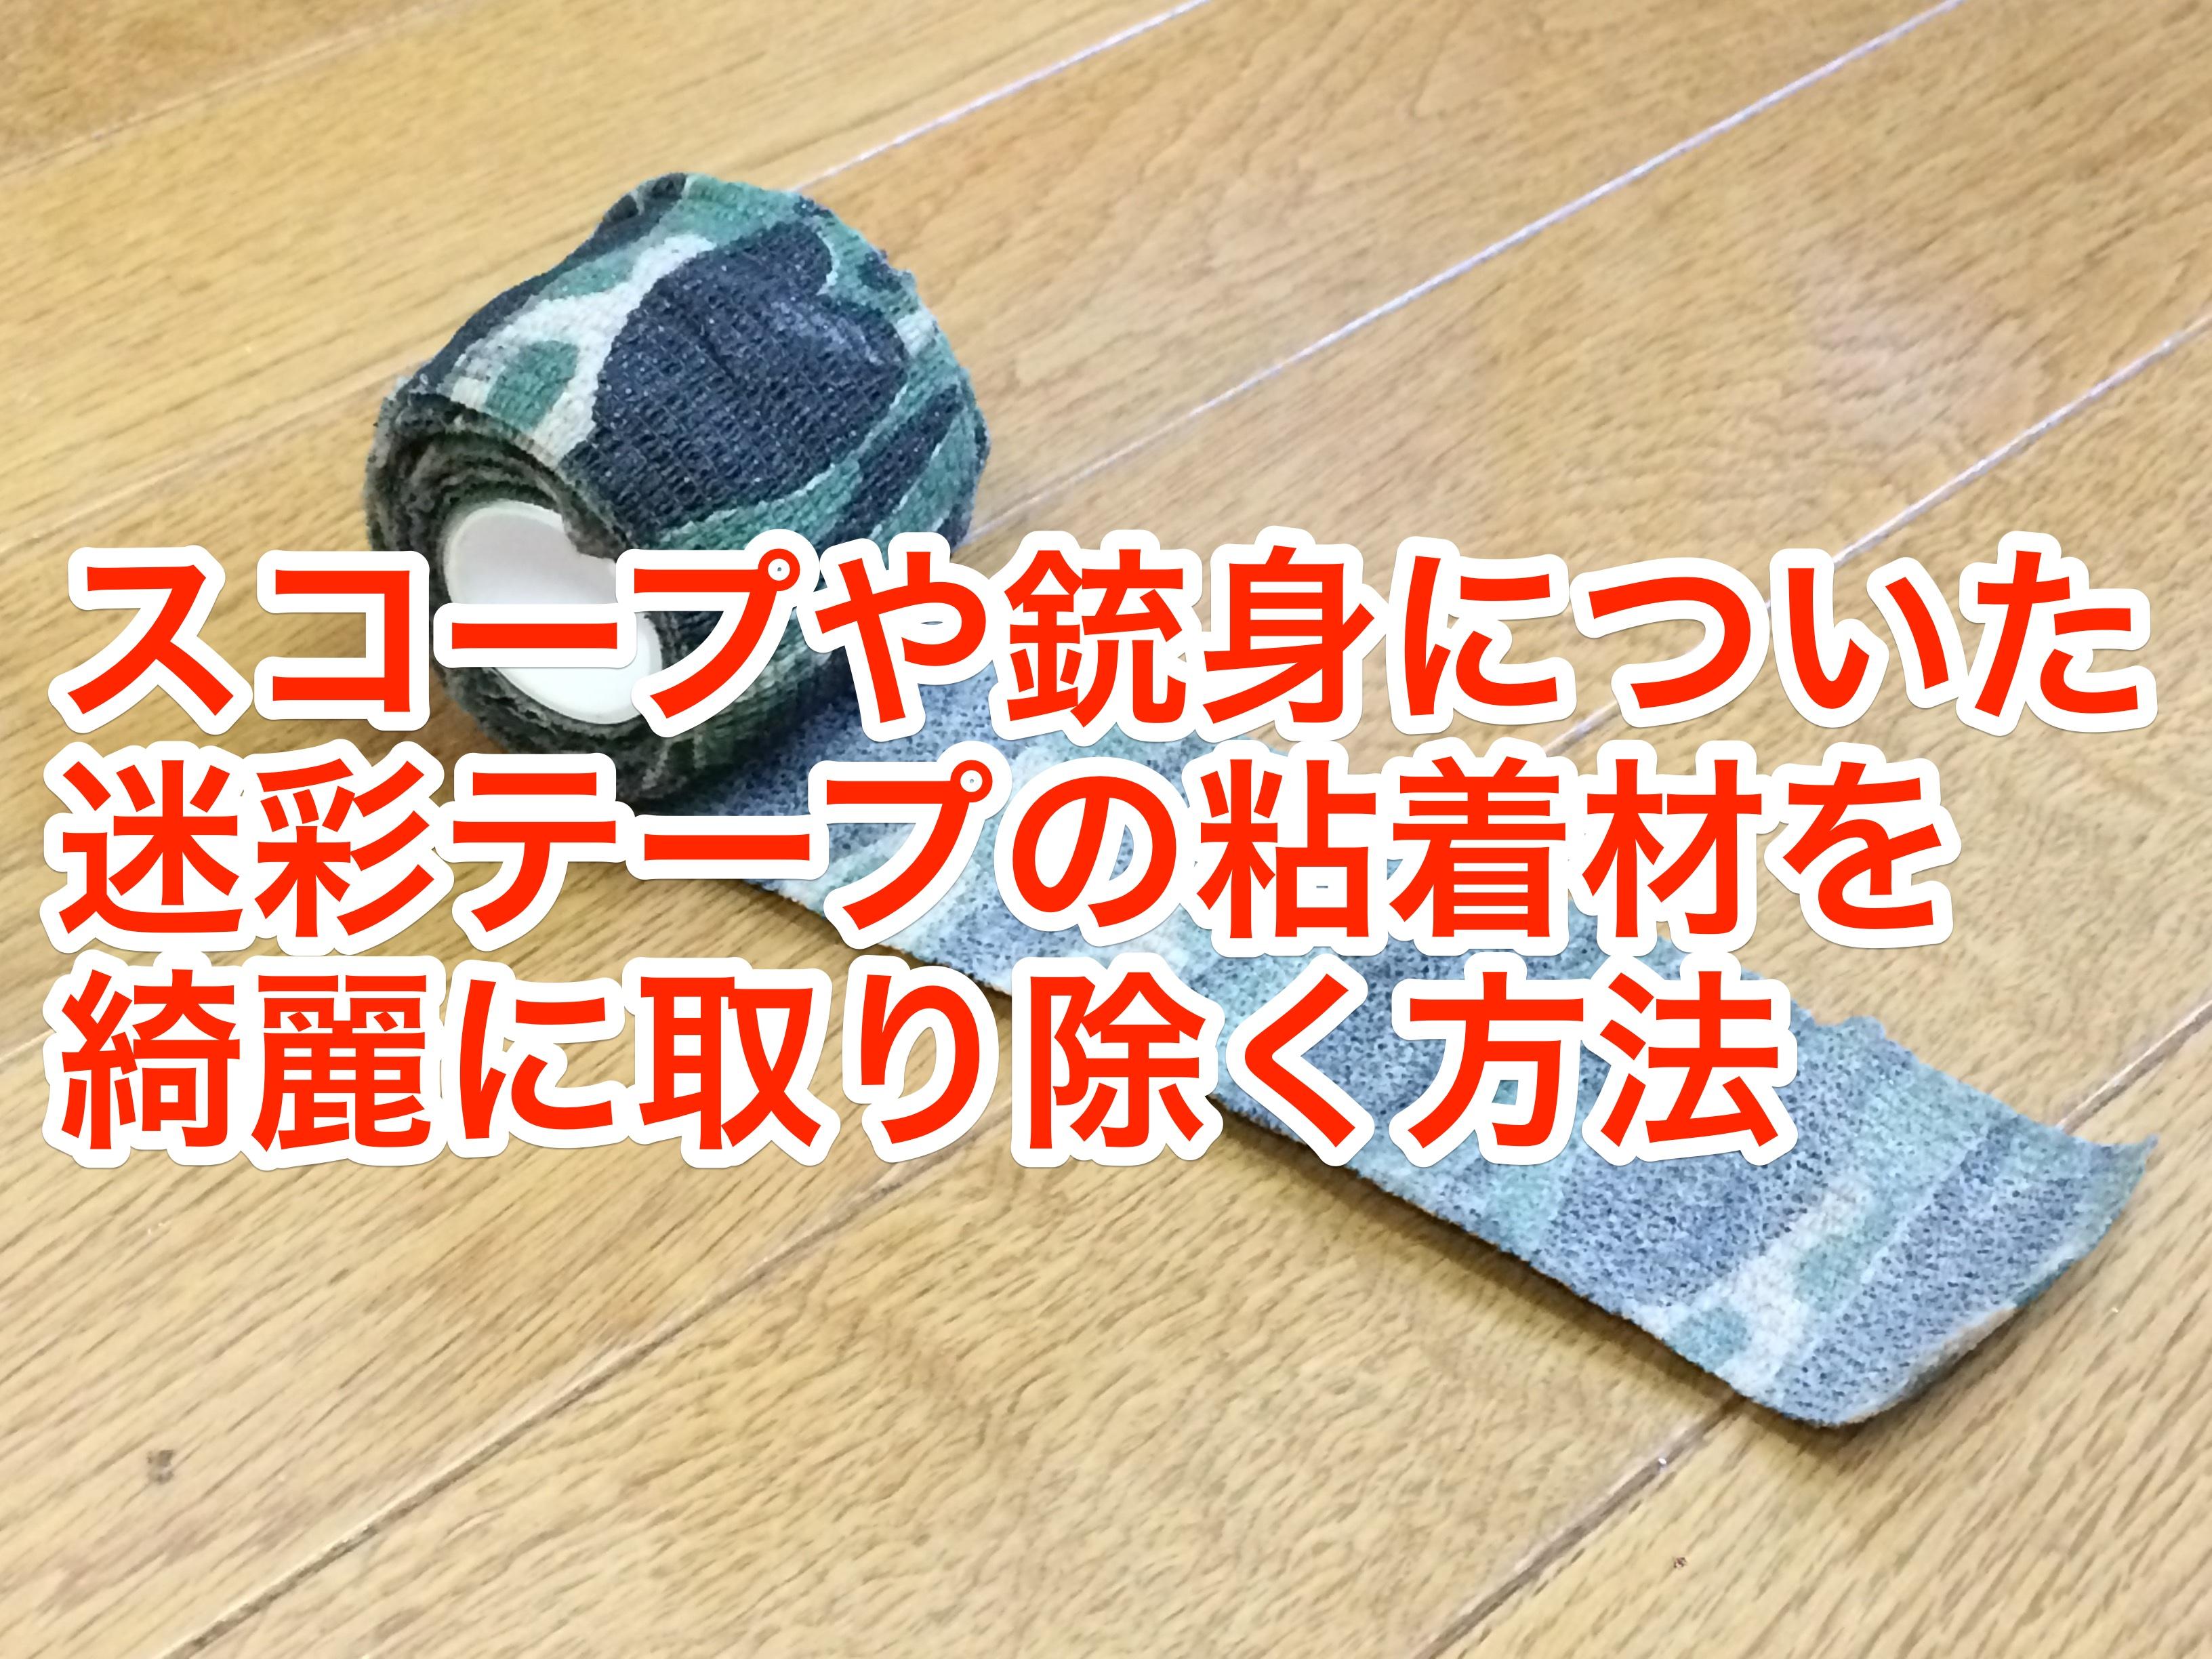 【空気銃】スコープや銃身についた迷彩テープのベタベタ(粘着材)を取る方法